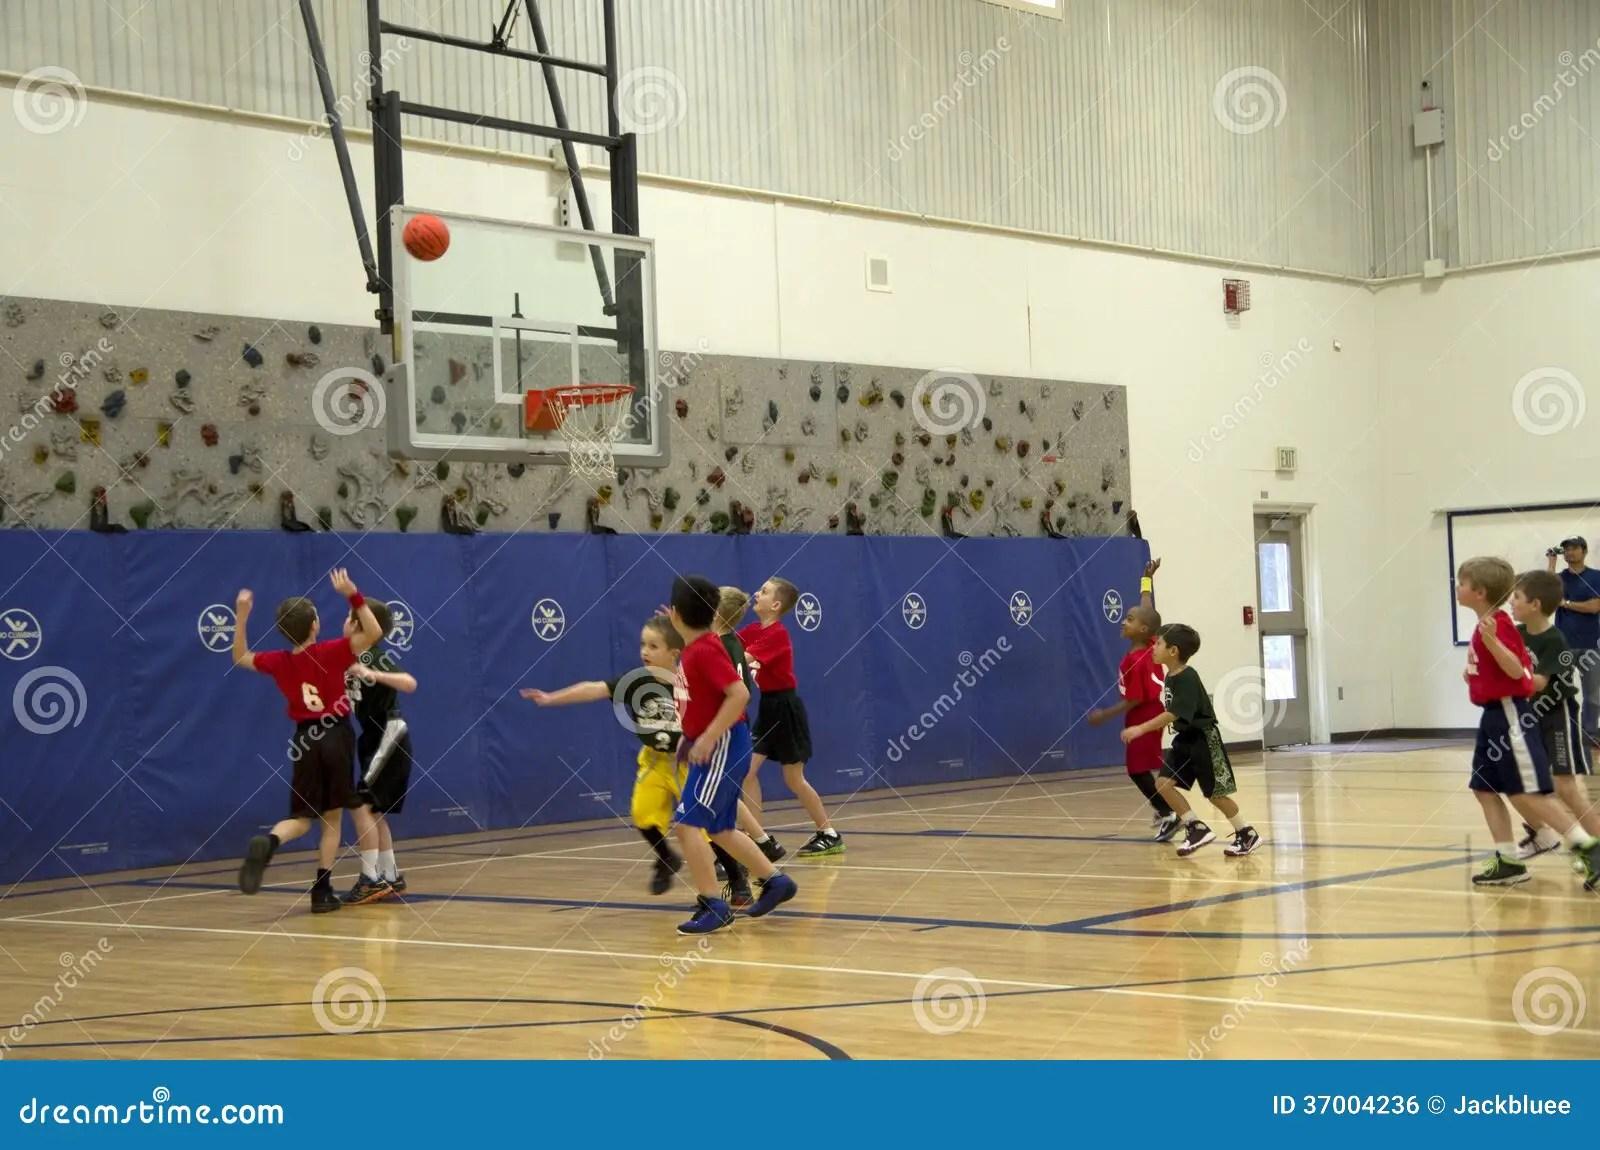 Kids Playing Basketball Match Editorial Photo